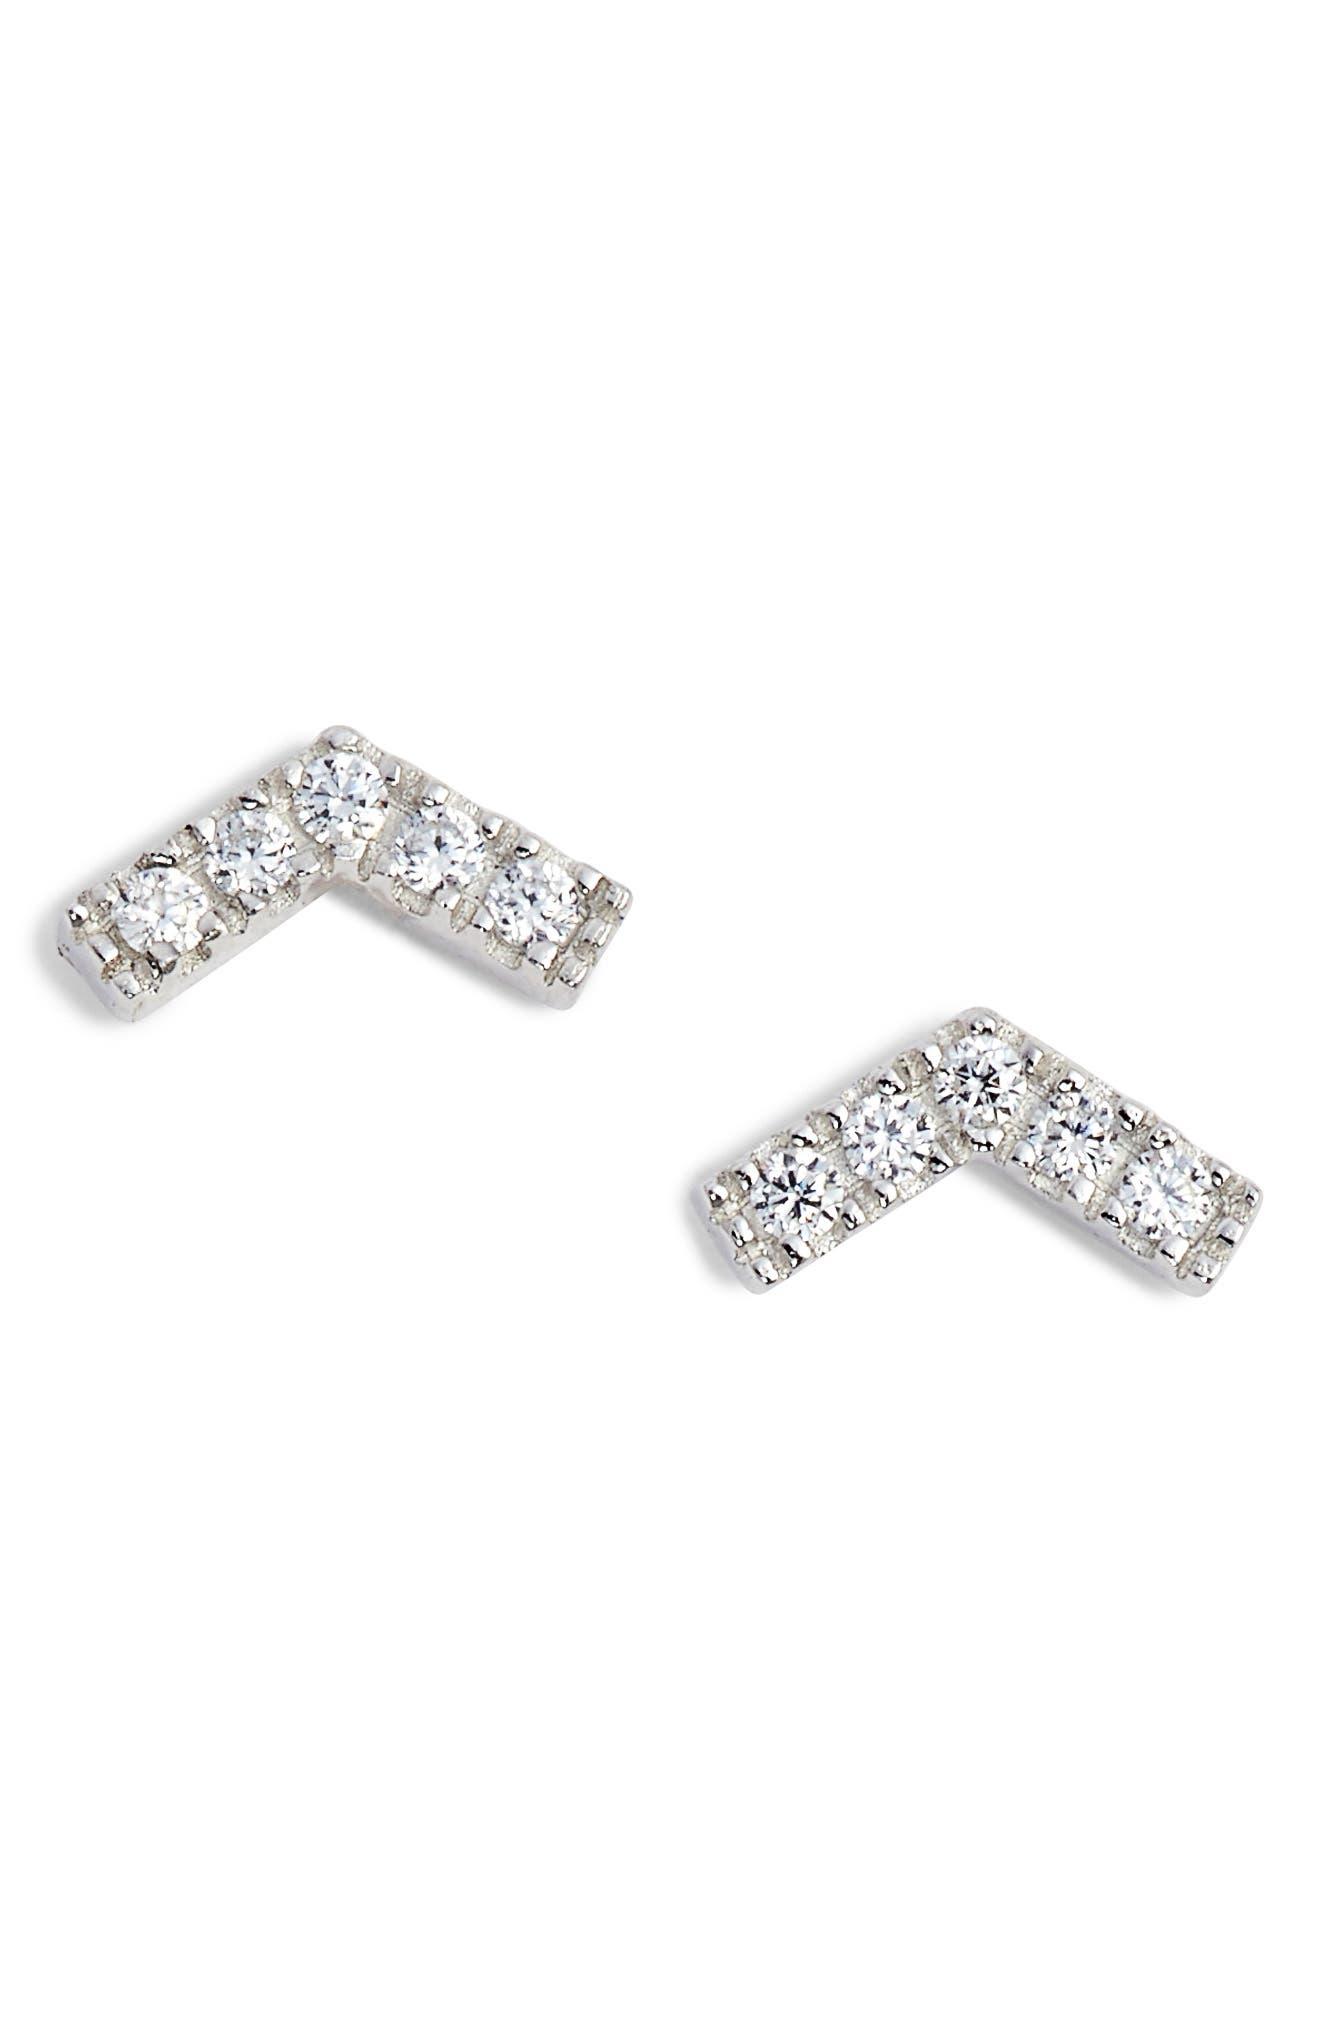 Chevron Stud Earrings,                             Main thumbnail 1, color,                             040